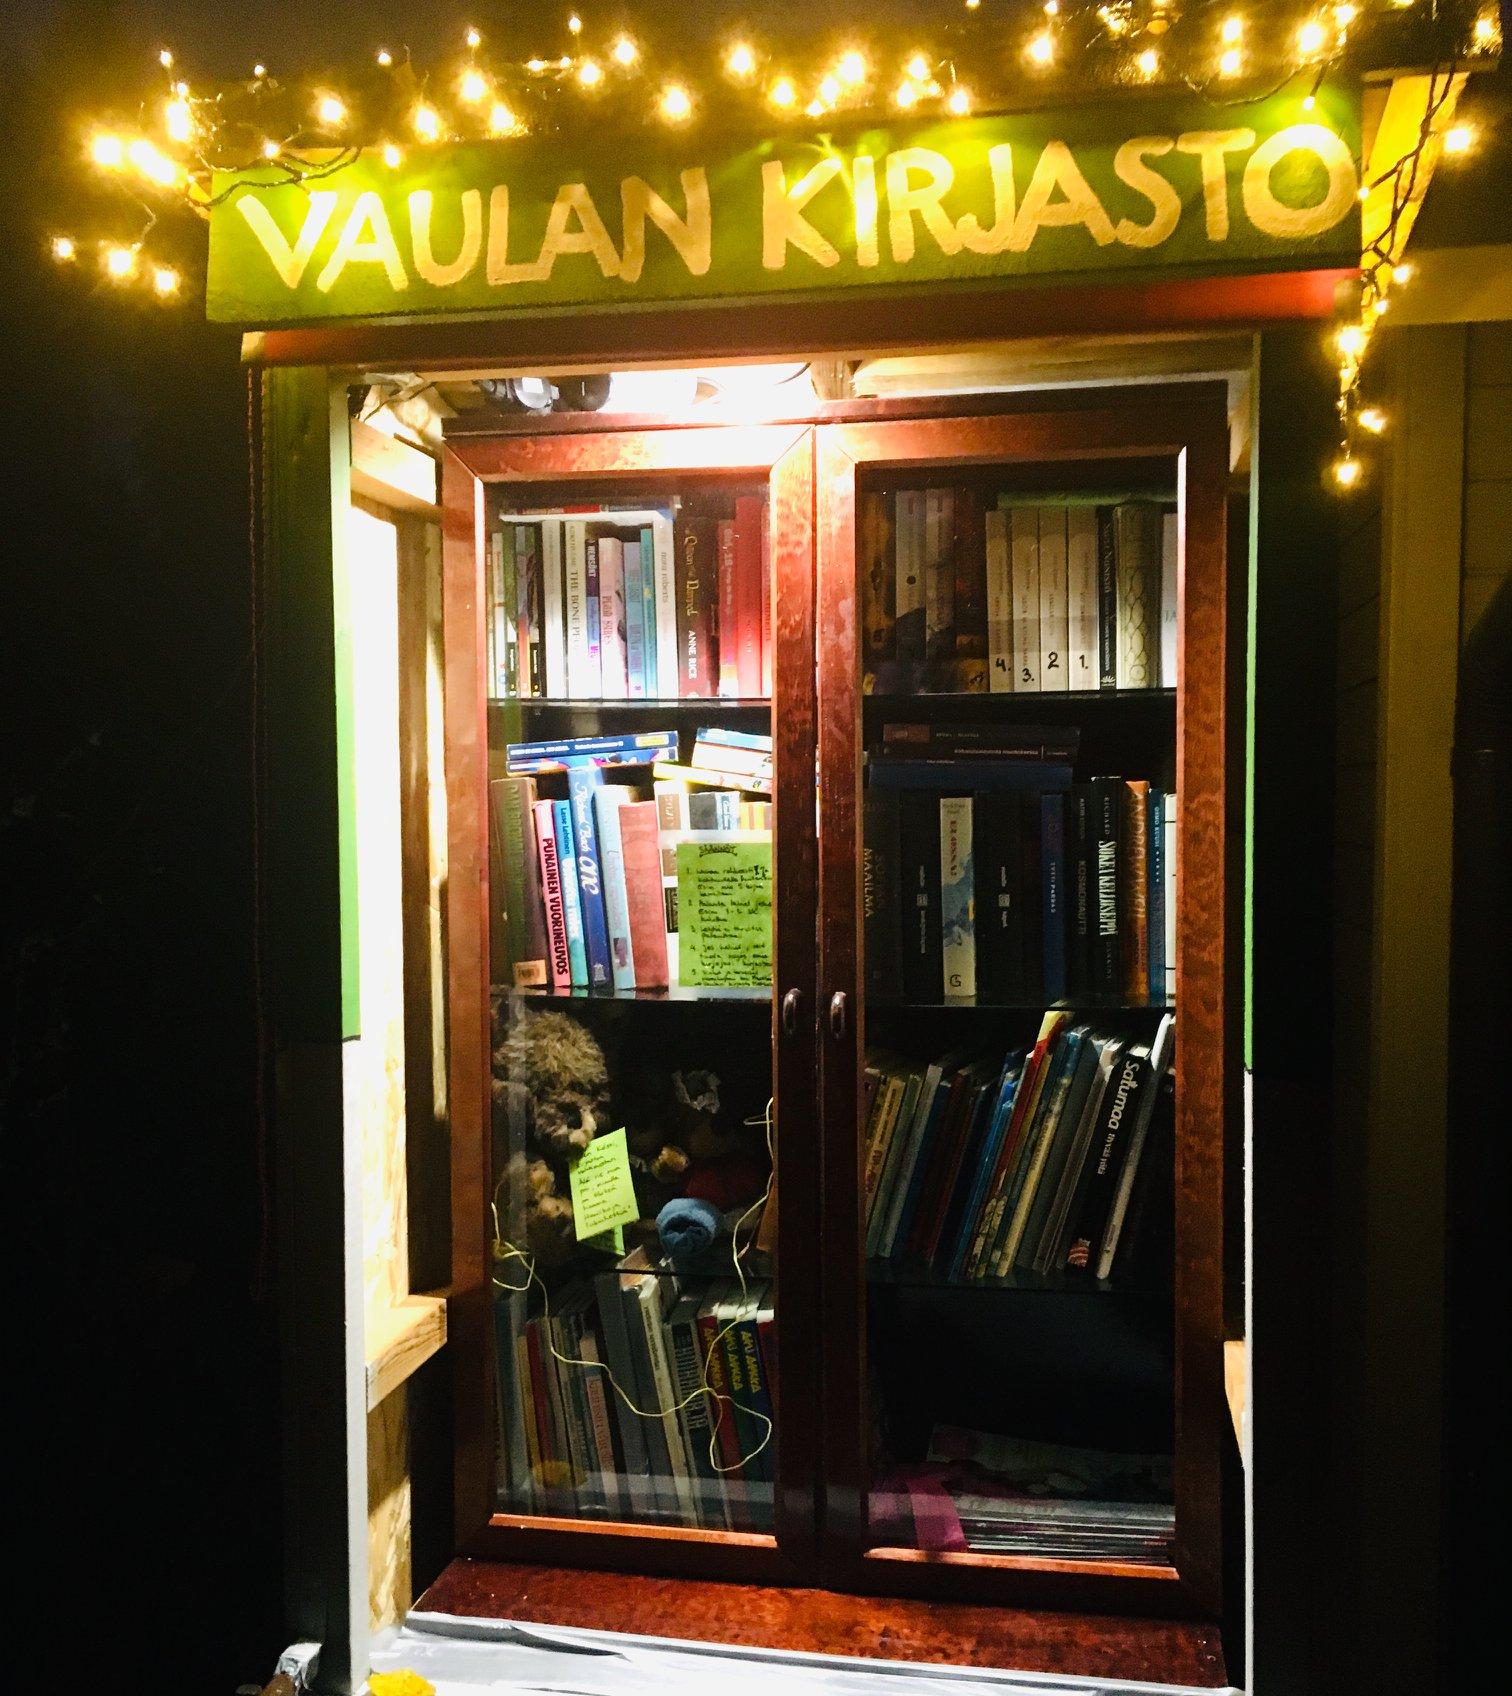 Vaulan kirjasto